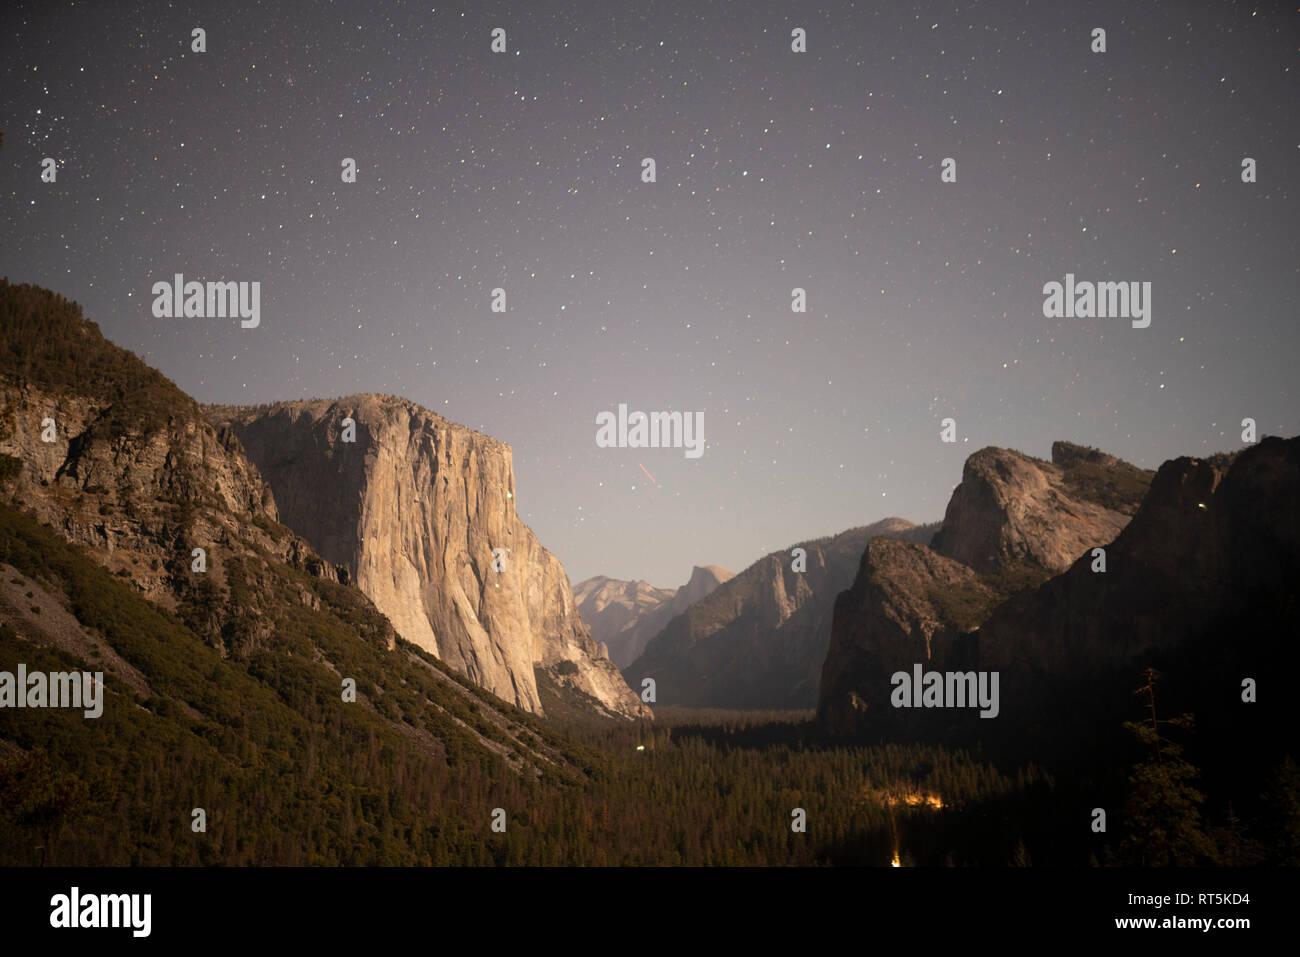 États-unis, Californie, Yosemite National Park, vue de tunnel dans la nuit Banque D'Images